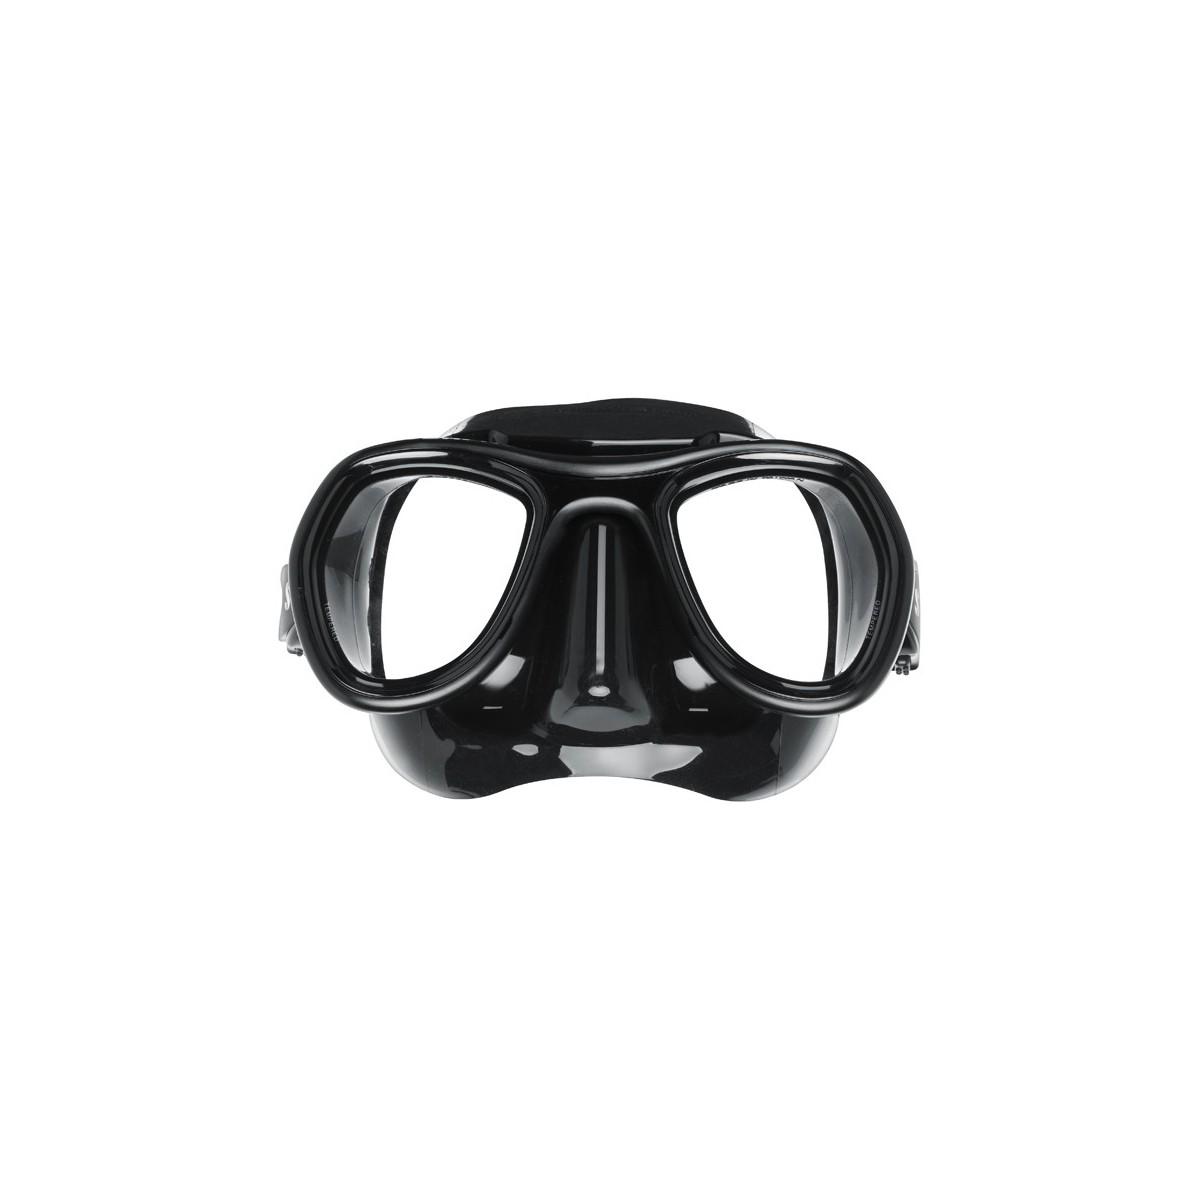 Scubapro HYDROS Dive Mask